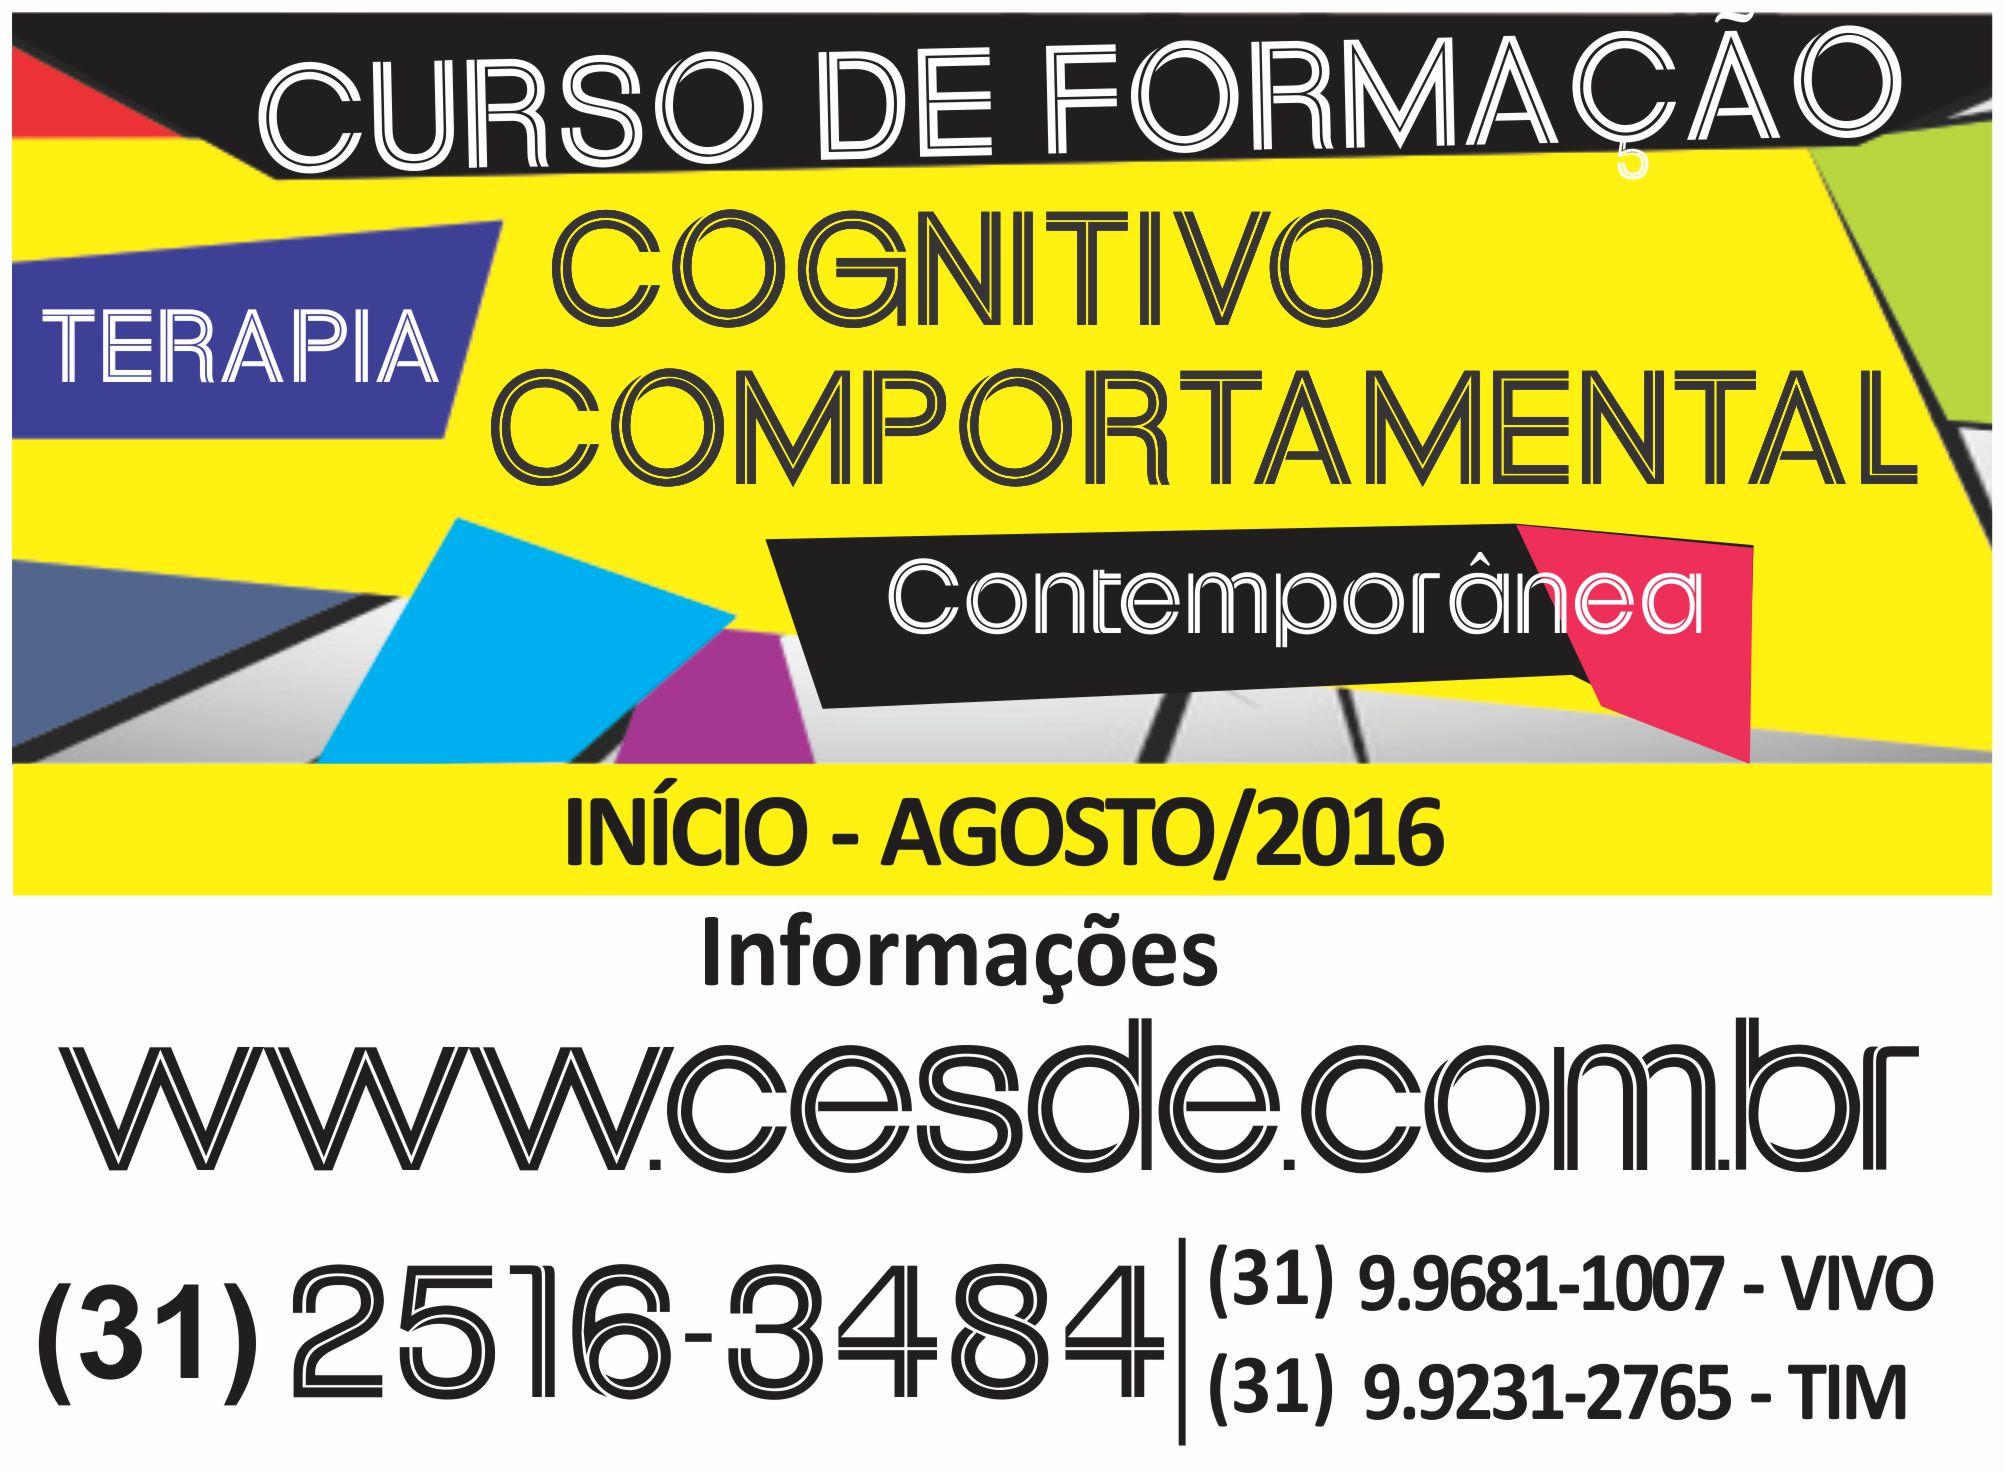 Formação em Terapia Cognitivo-comportamental Contemporânea em Belo Horizonte